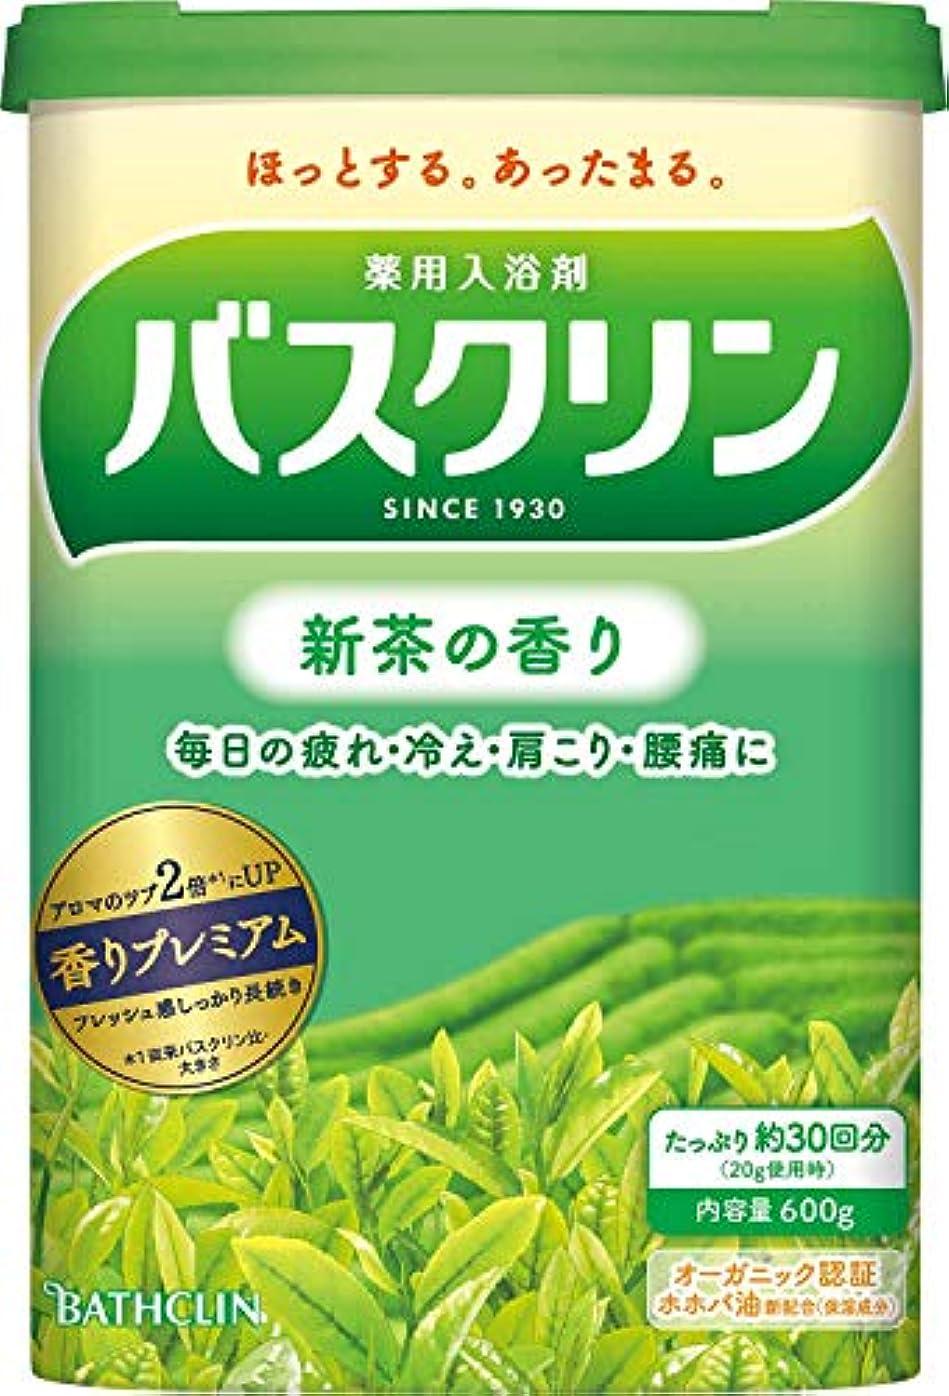 外交官枯渇する市民【医薬部外品】バスクリン入浴剤 新茶の香り600g(約30回分) 疲労回復